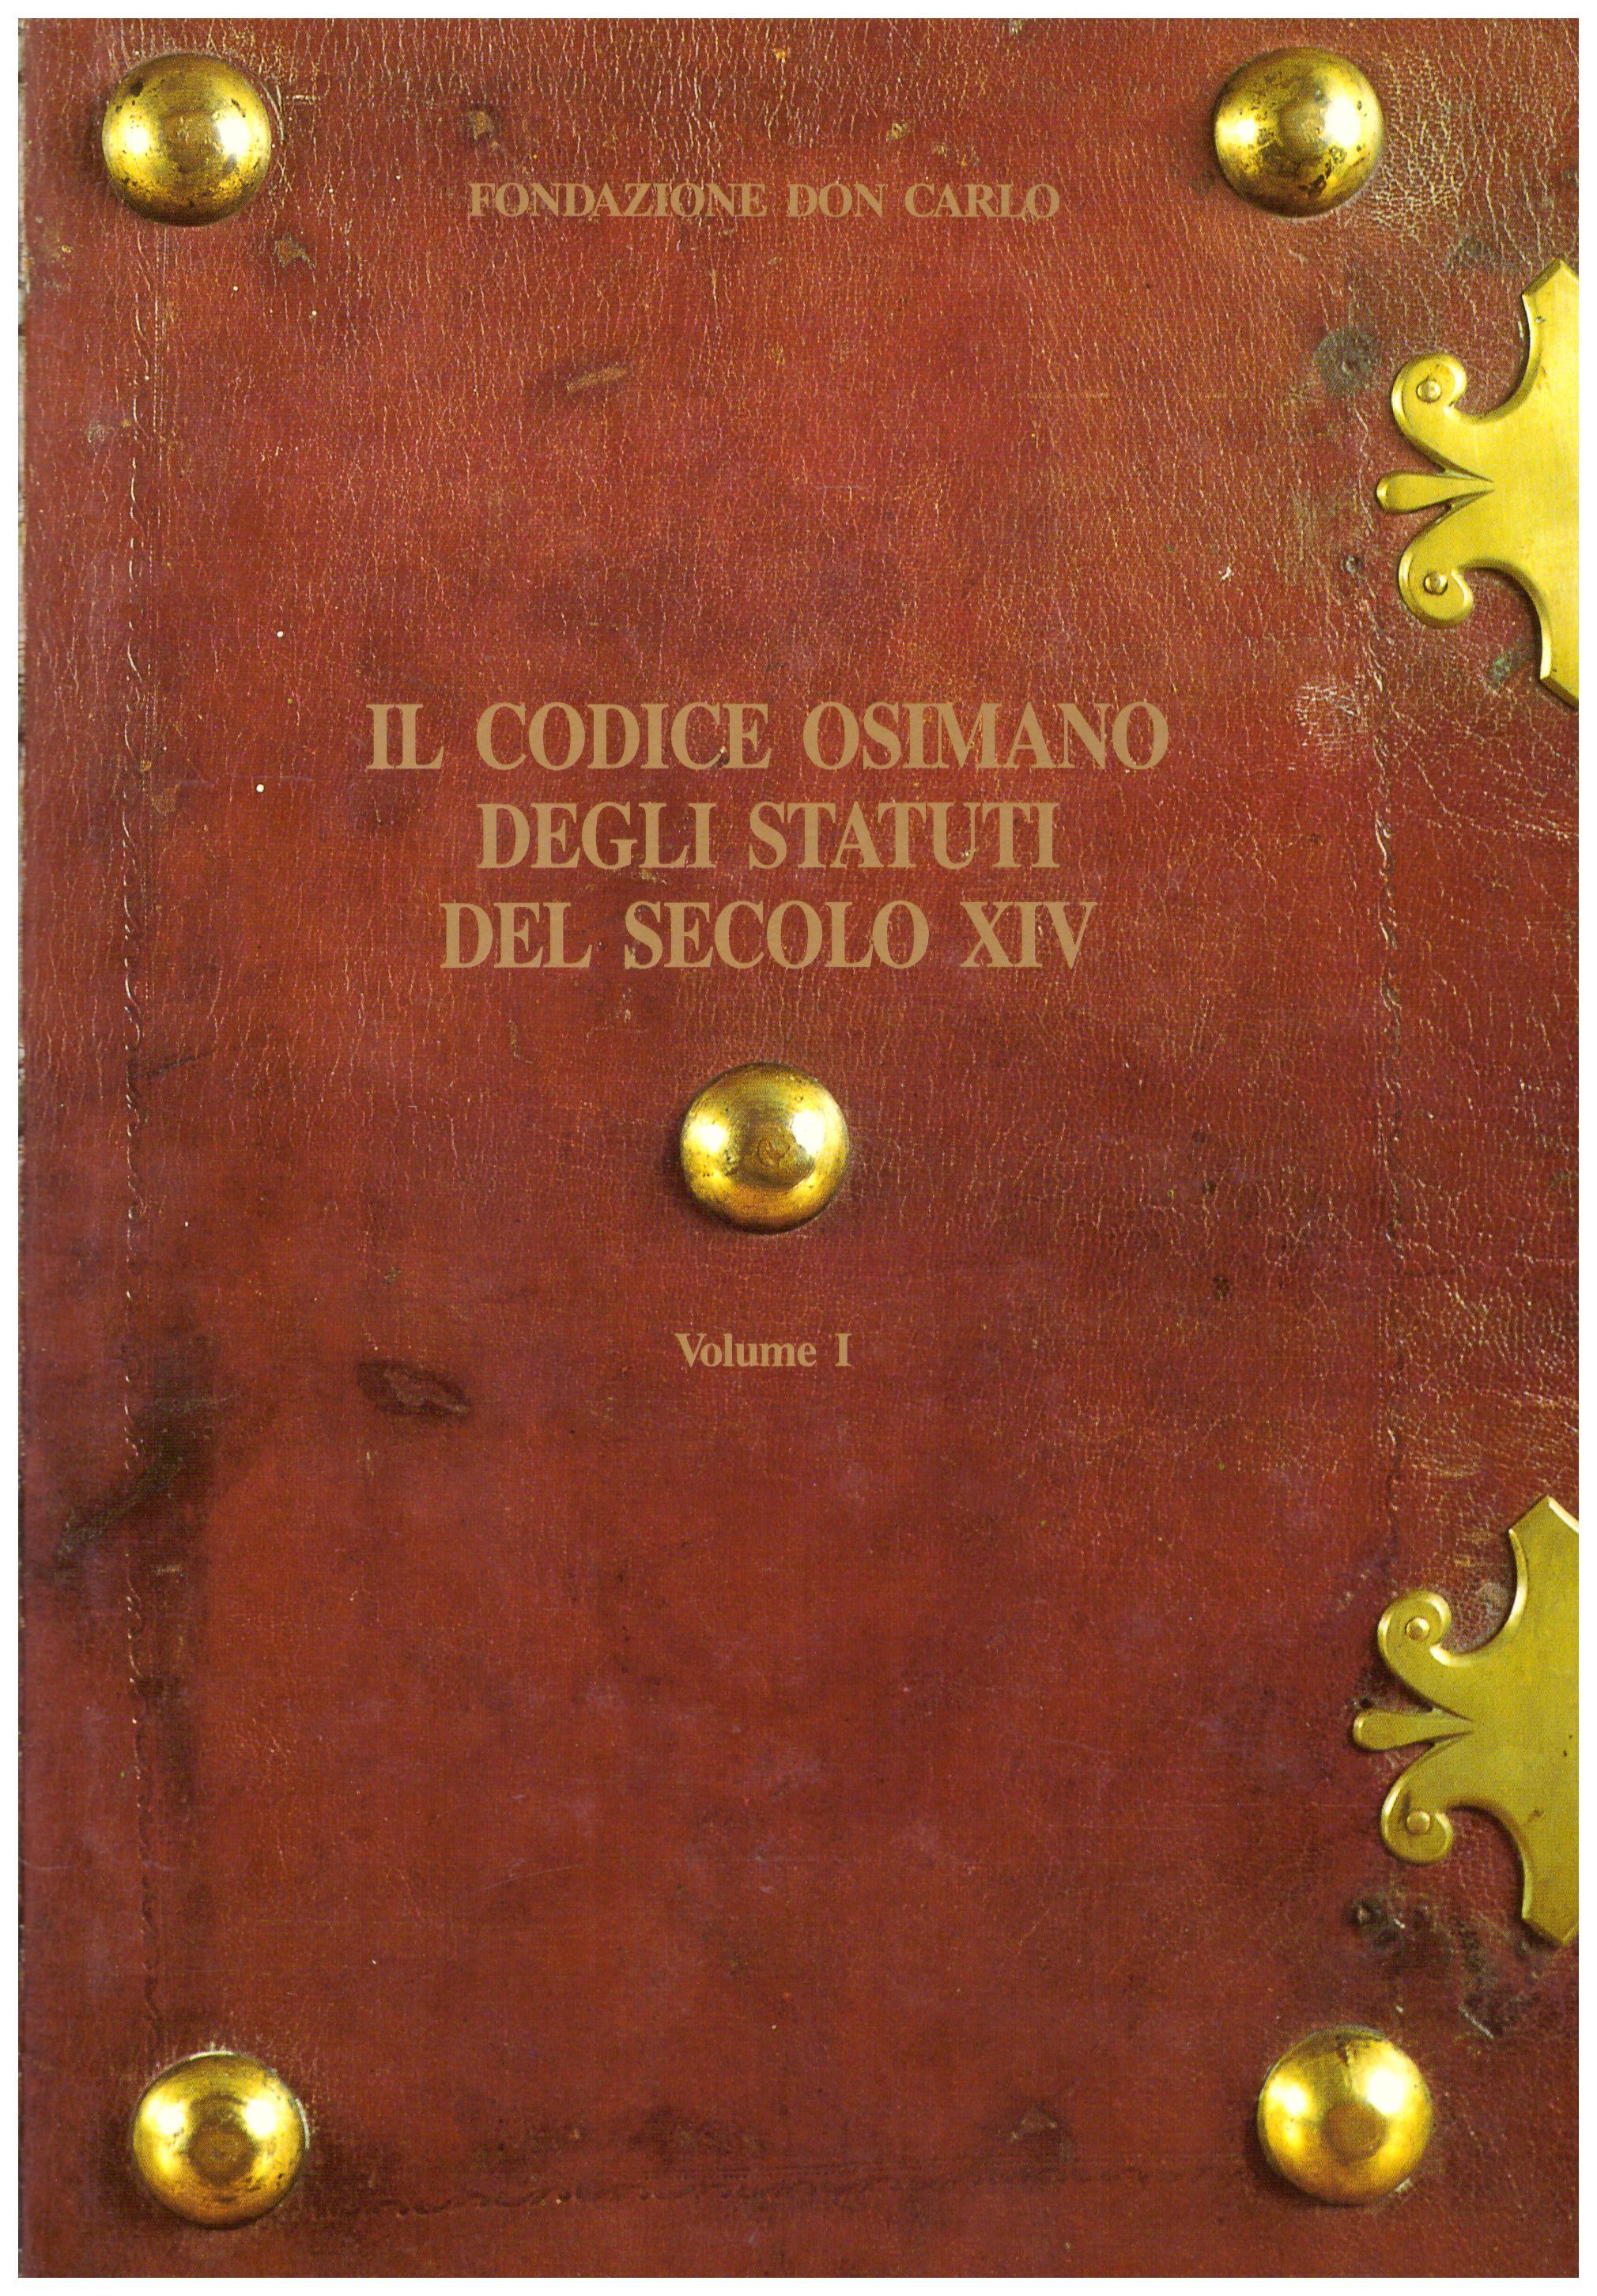 Titolo: Il codice osimano degli statuti del secolo XIV in 2 volumi   Autore: AA.VV.  Editore: fondazione, don carlo, osimo, 1991